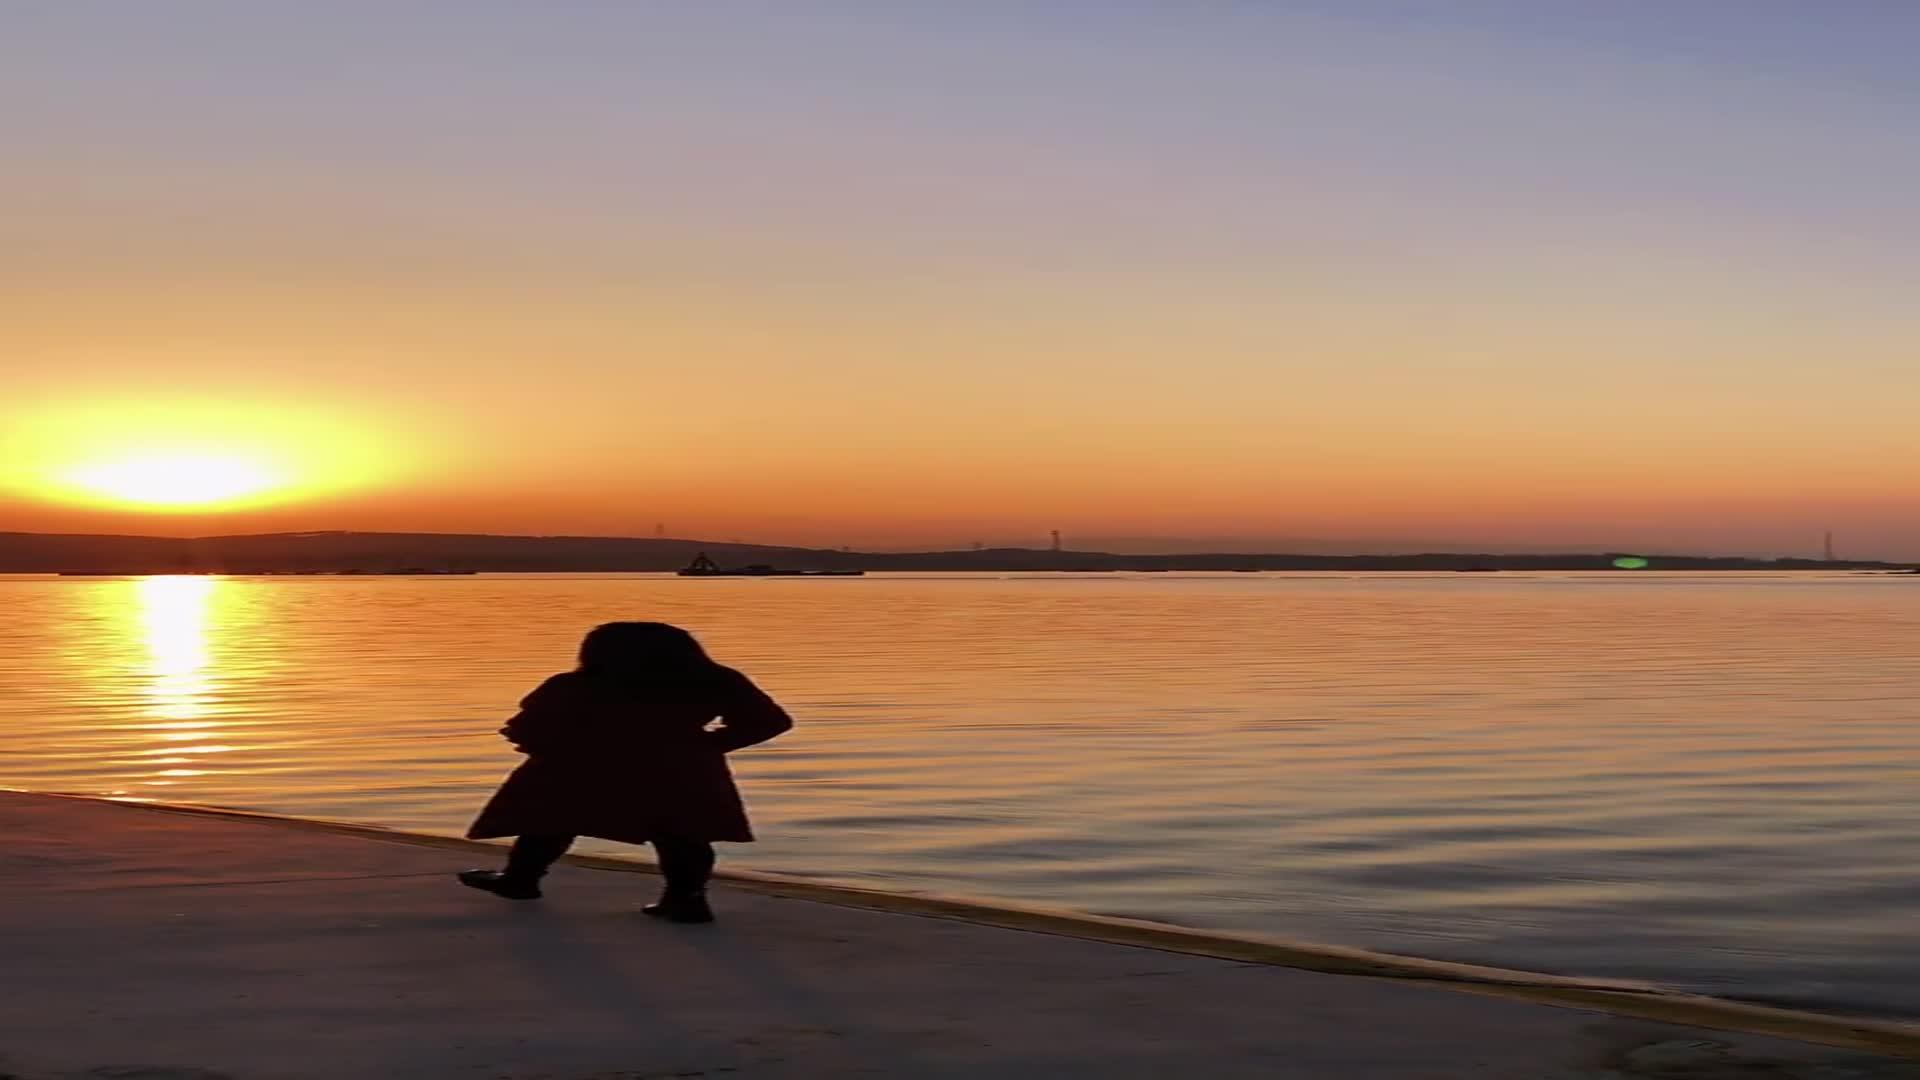 带你看看大信阳传说中的海,~捡拾一缕明媚暖阳